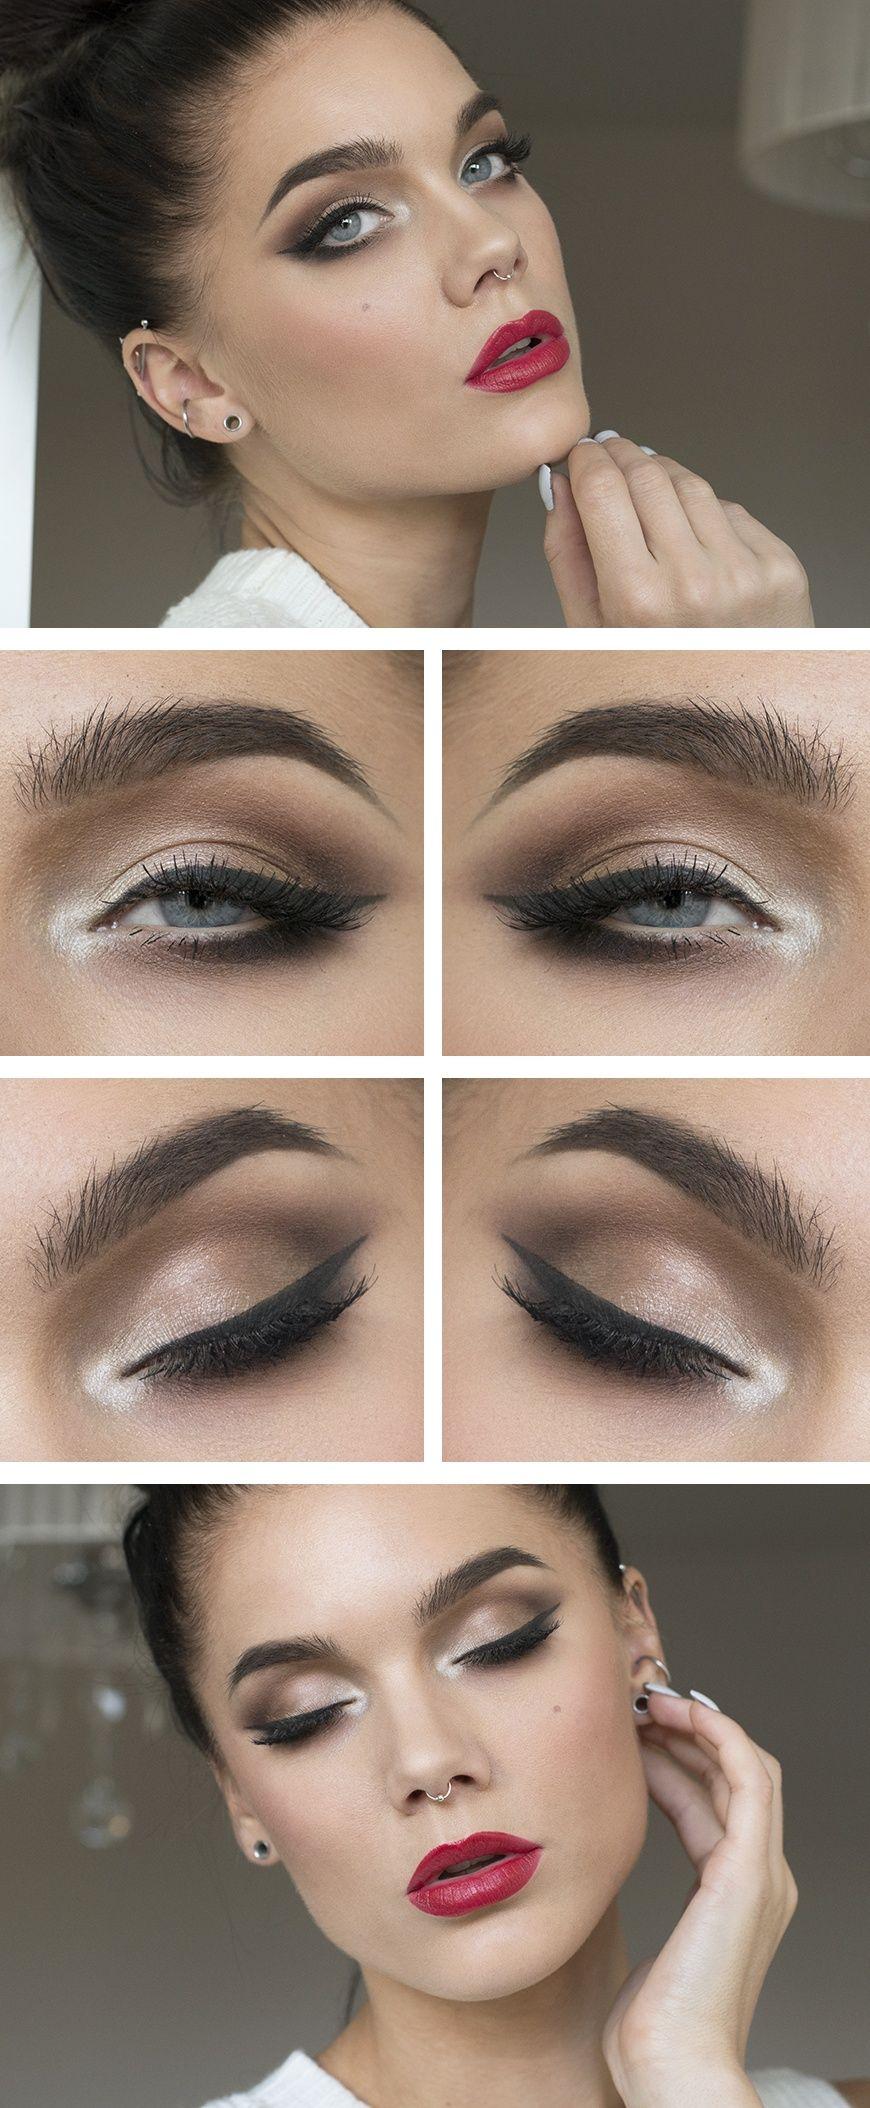 Best makeup tutorials here httppinmakeuptipssimple trick best makeup tutorials here httppinmakeuptipssimple trick baditri Gallery